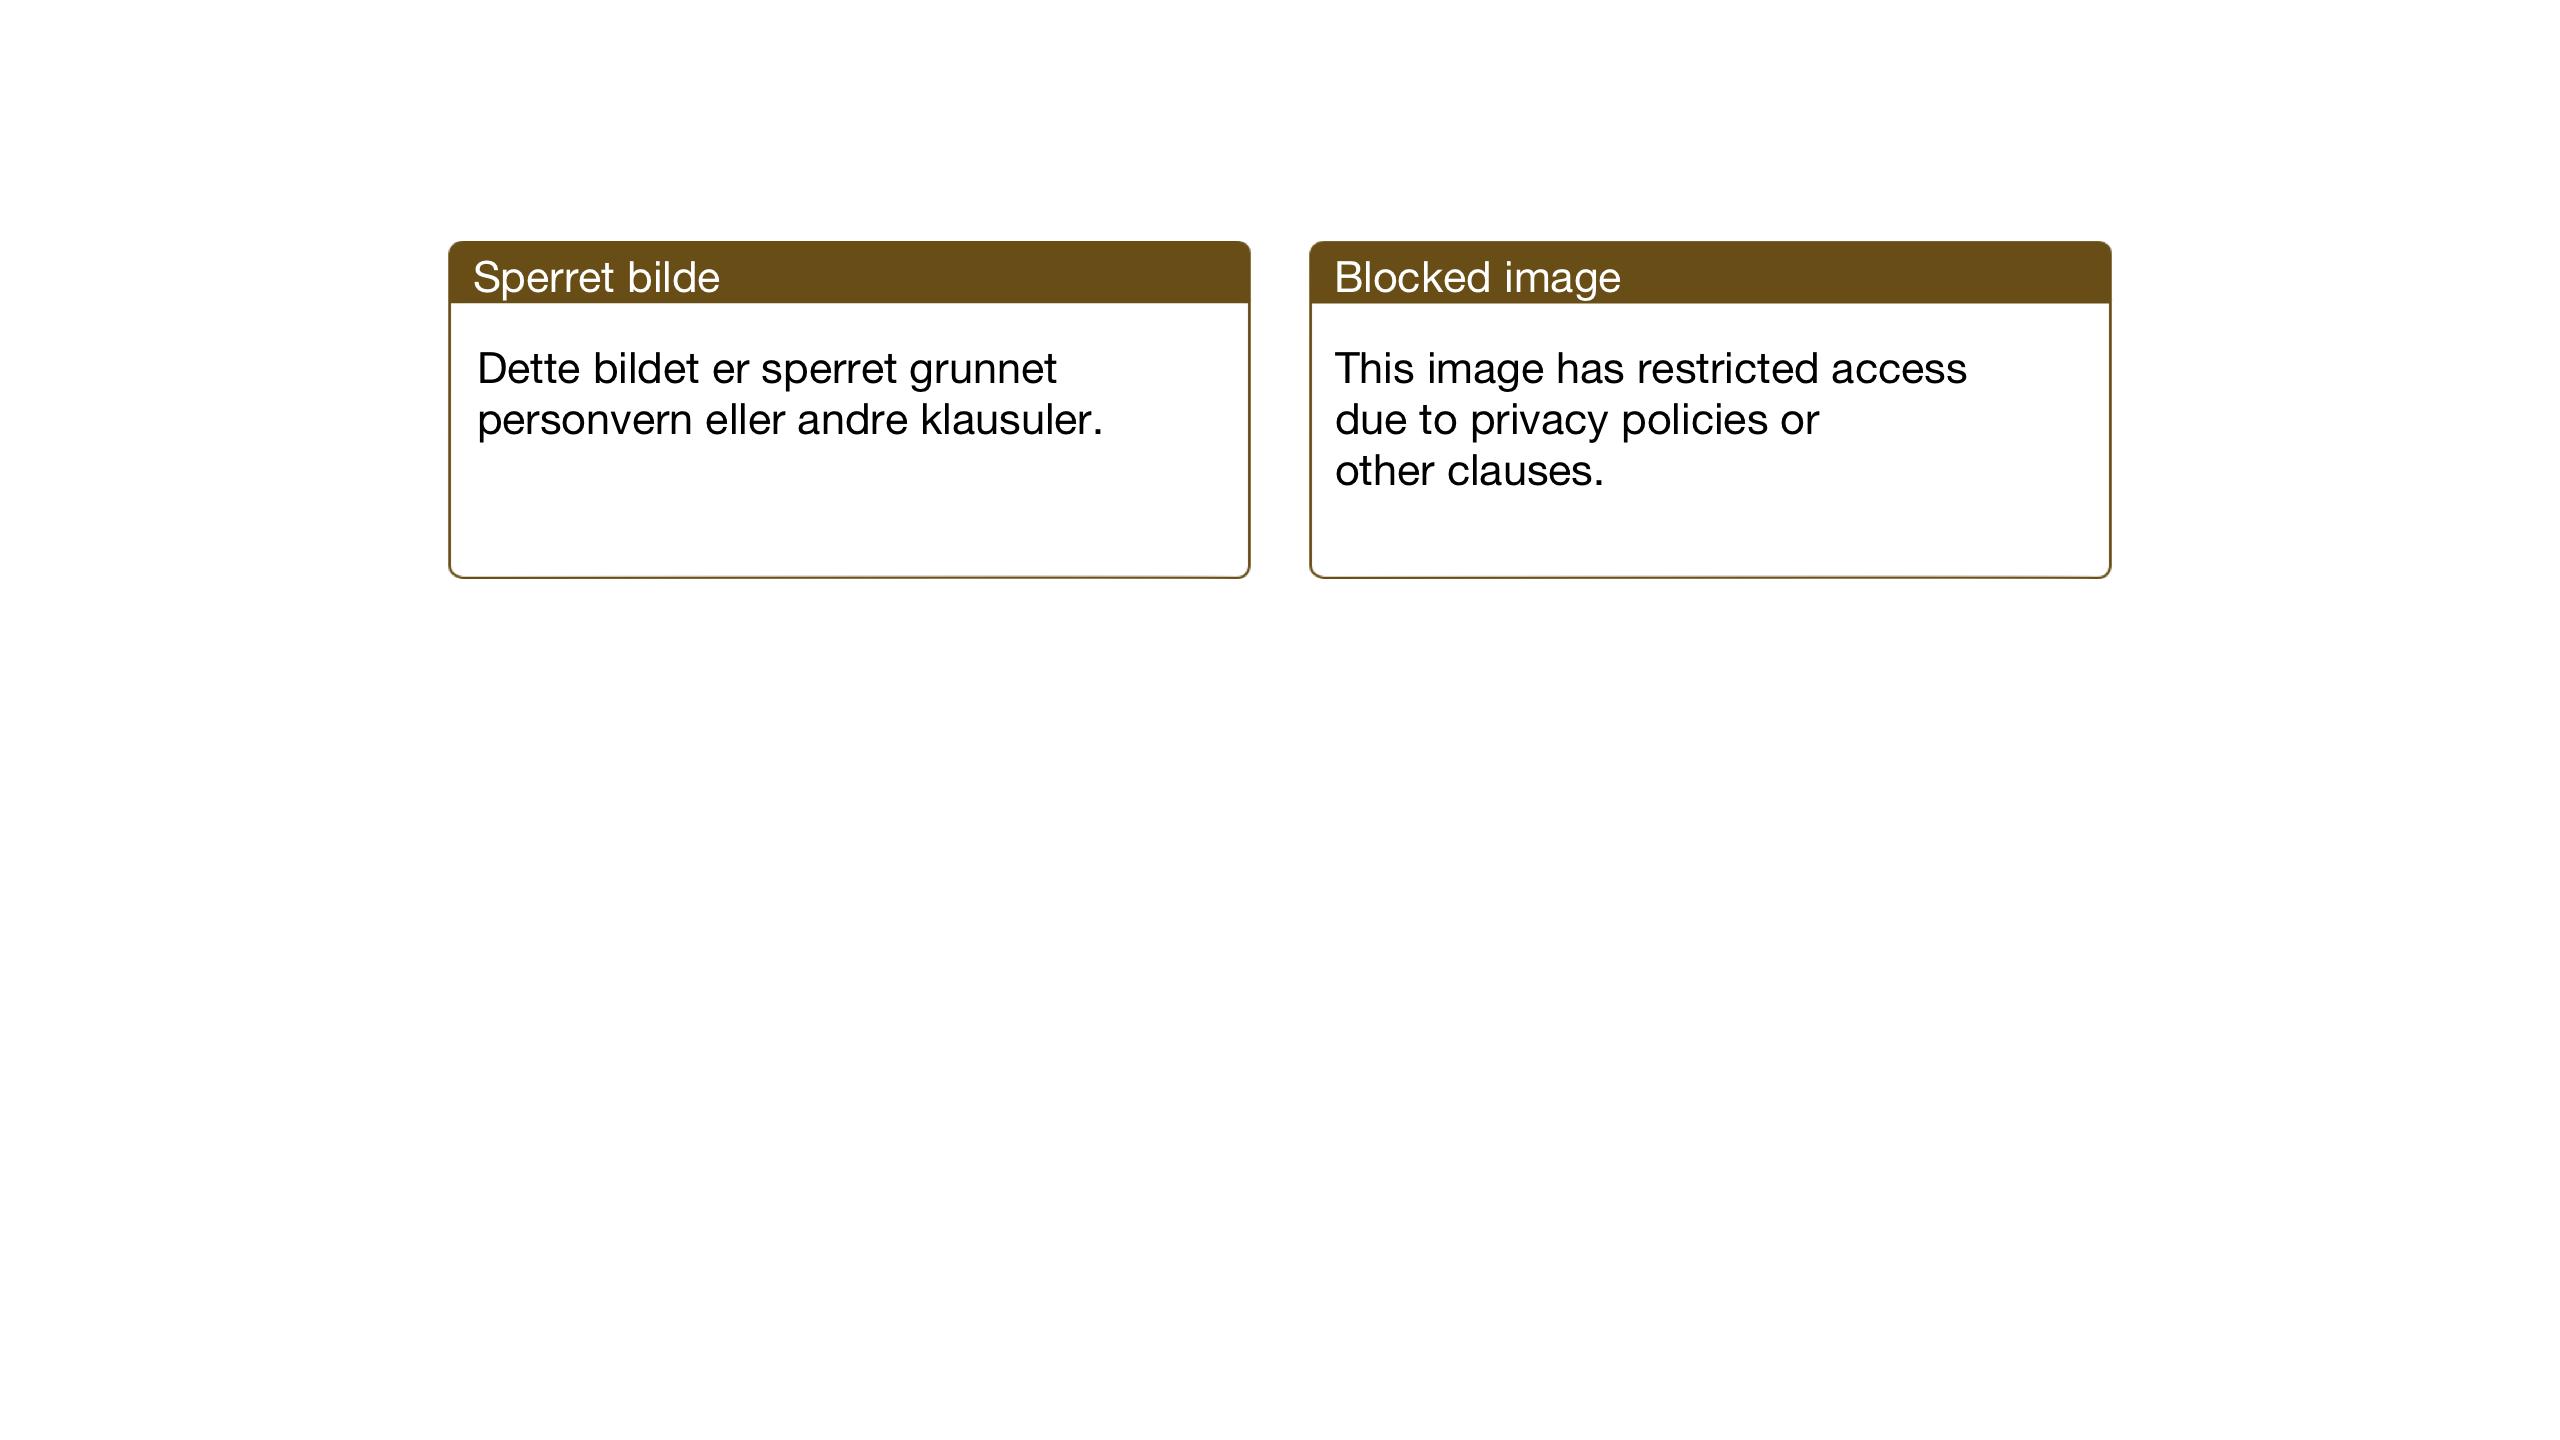 SAT, Ministerialprotokoller, klokkerbøker og fødselsregistre - Sør-Trøndelag, 630/L0506: Klokkerbok nr. 630C04, 1914-1933, s. 108